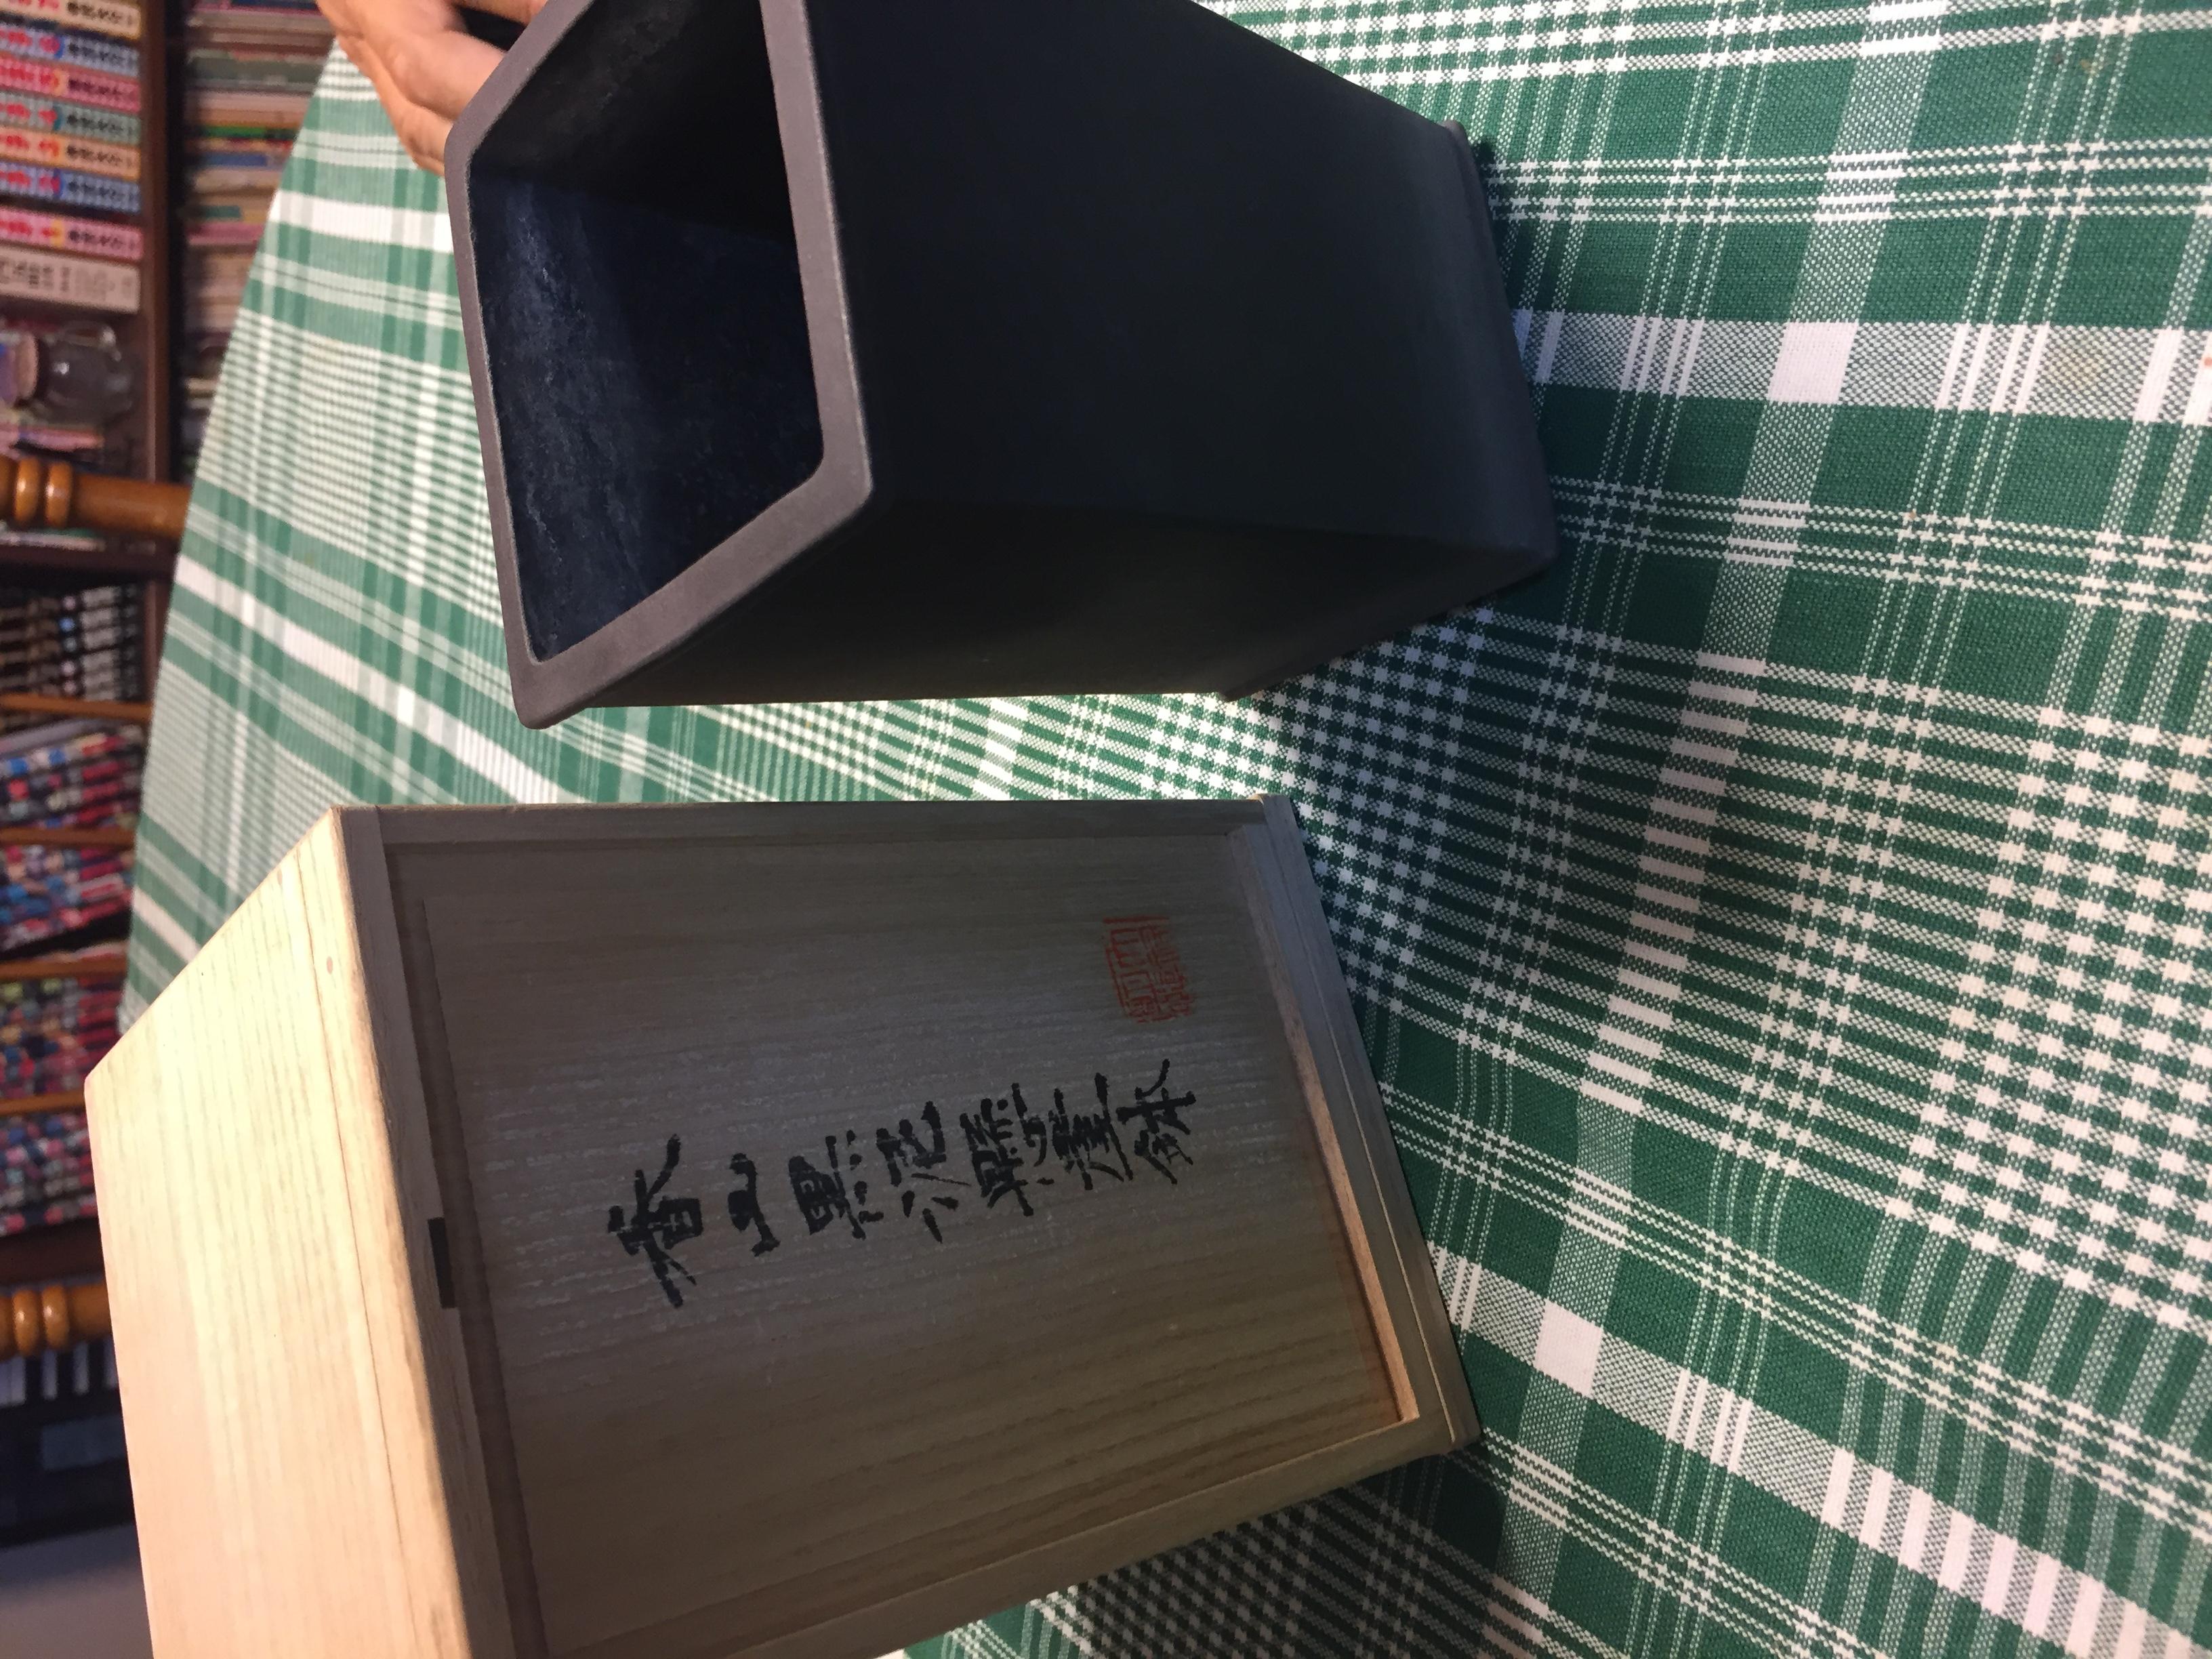 香山黒泥懸崖鉢